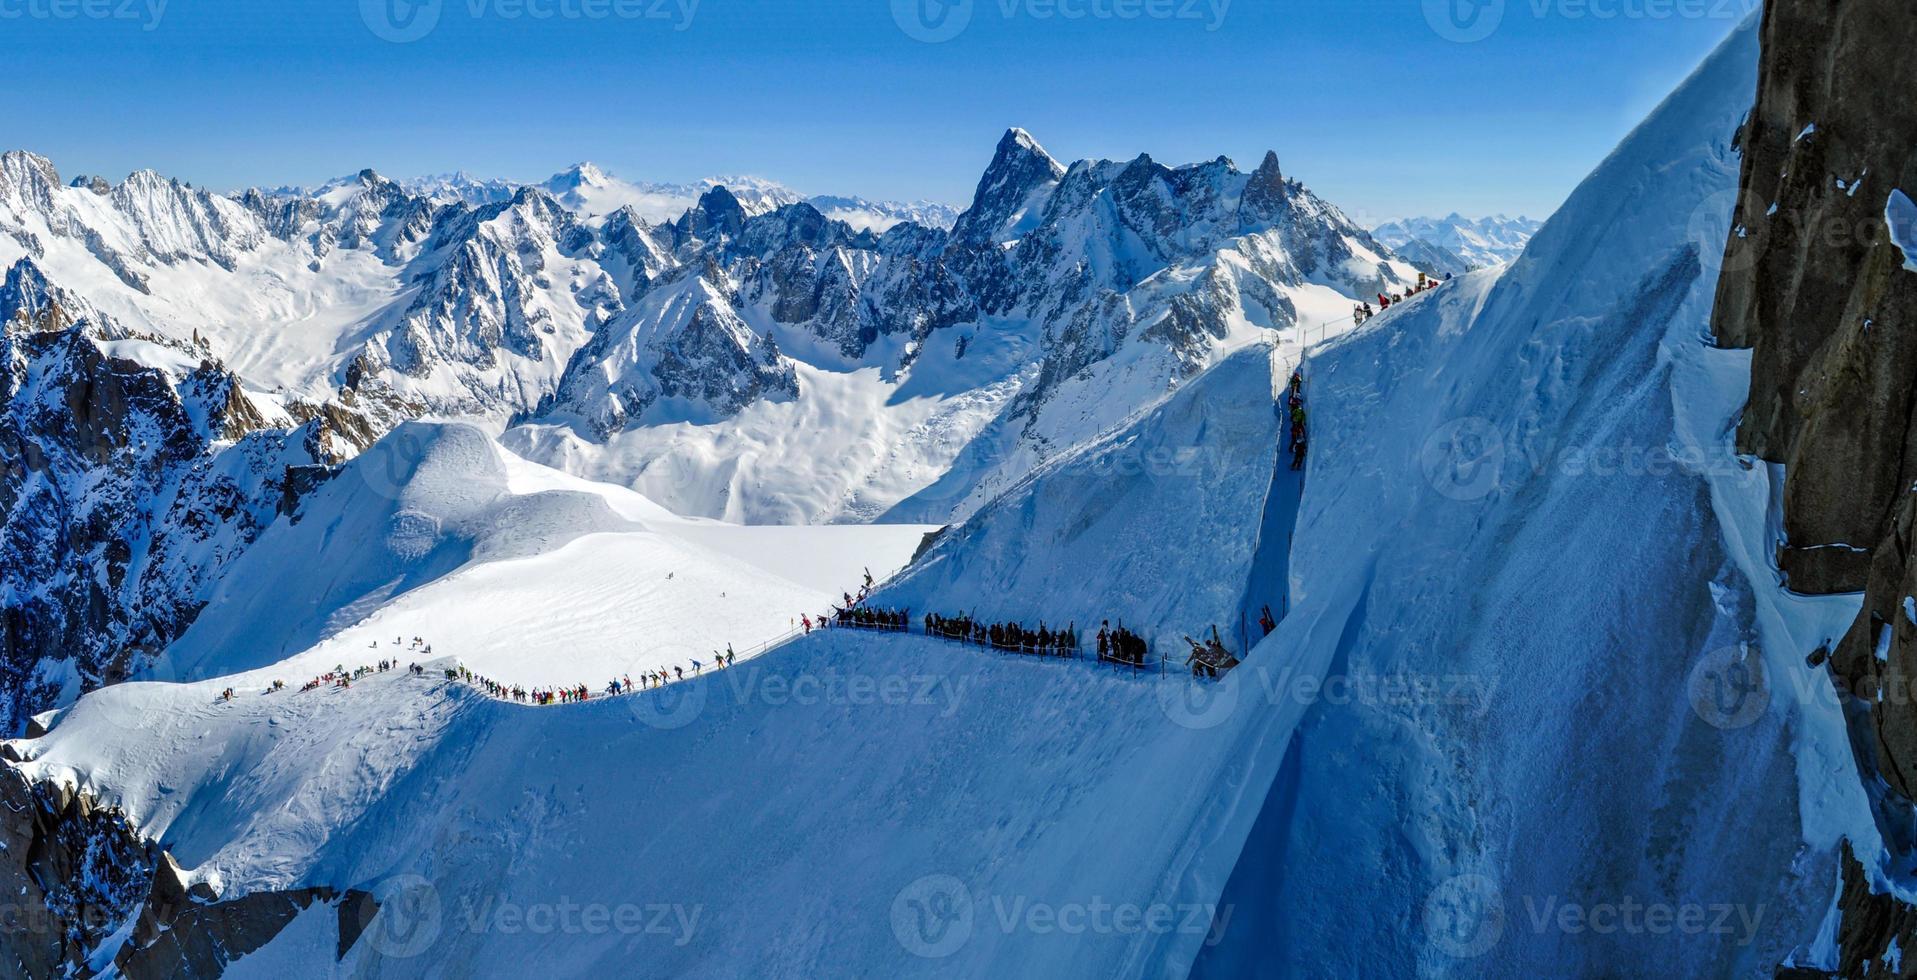 Panorama mit Skifahrern auf dem Weg nach Vallee Blanche, Frankreich foto